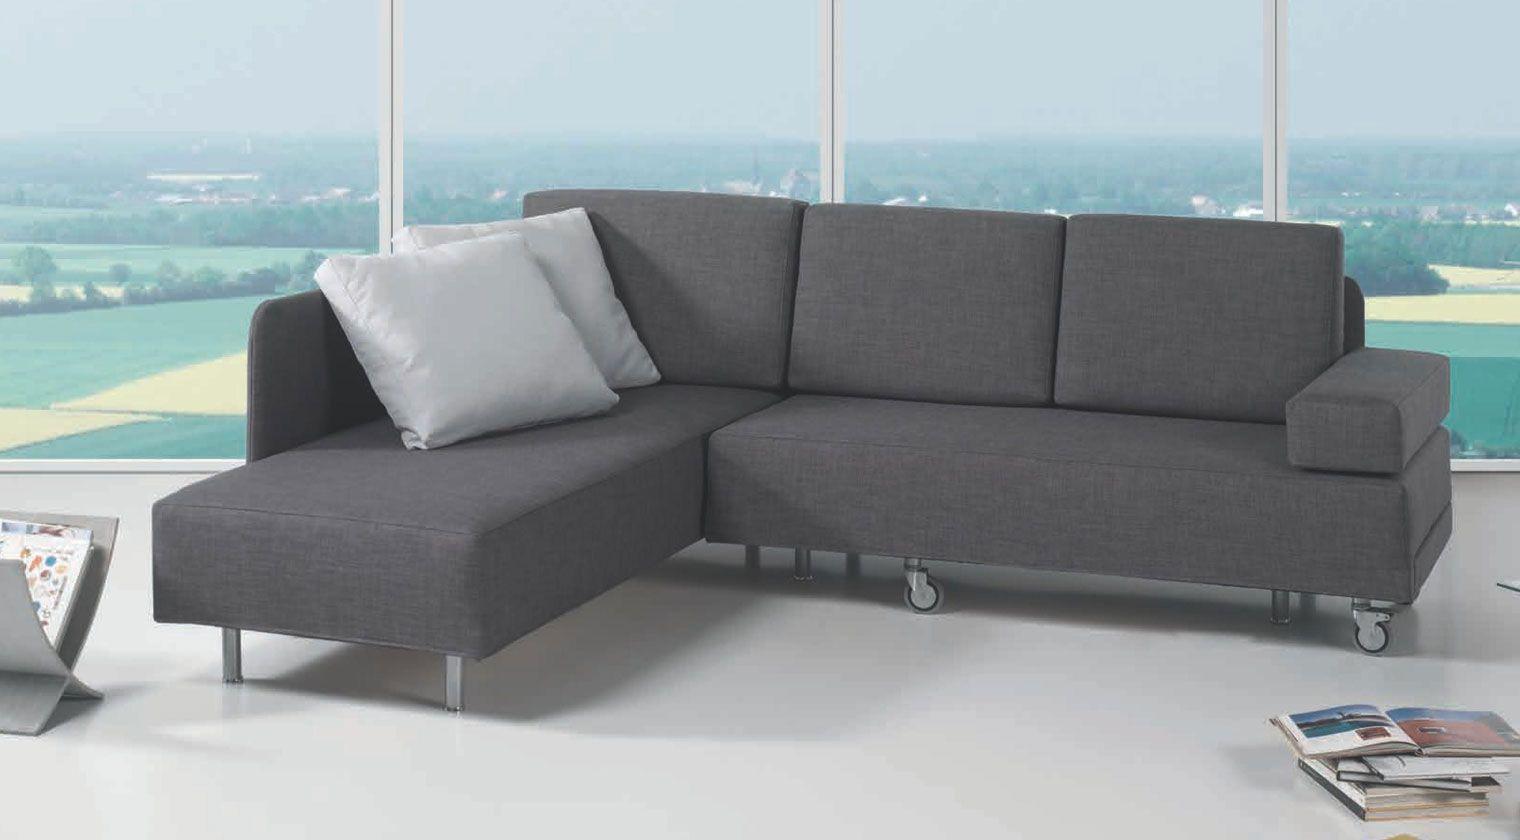 Precios de sofas com sofas cama muebles sofas cama en - Sofas cama murcia ...